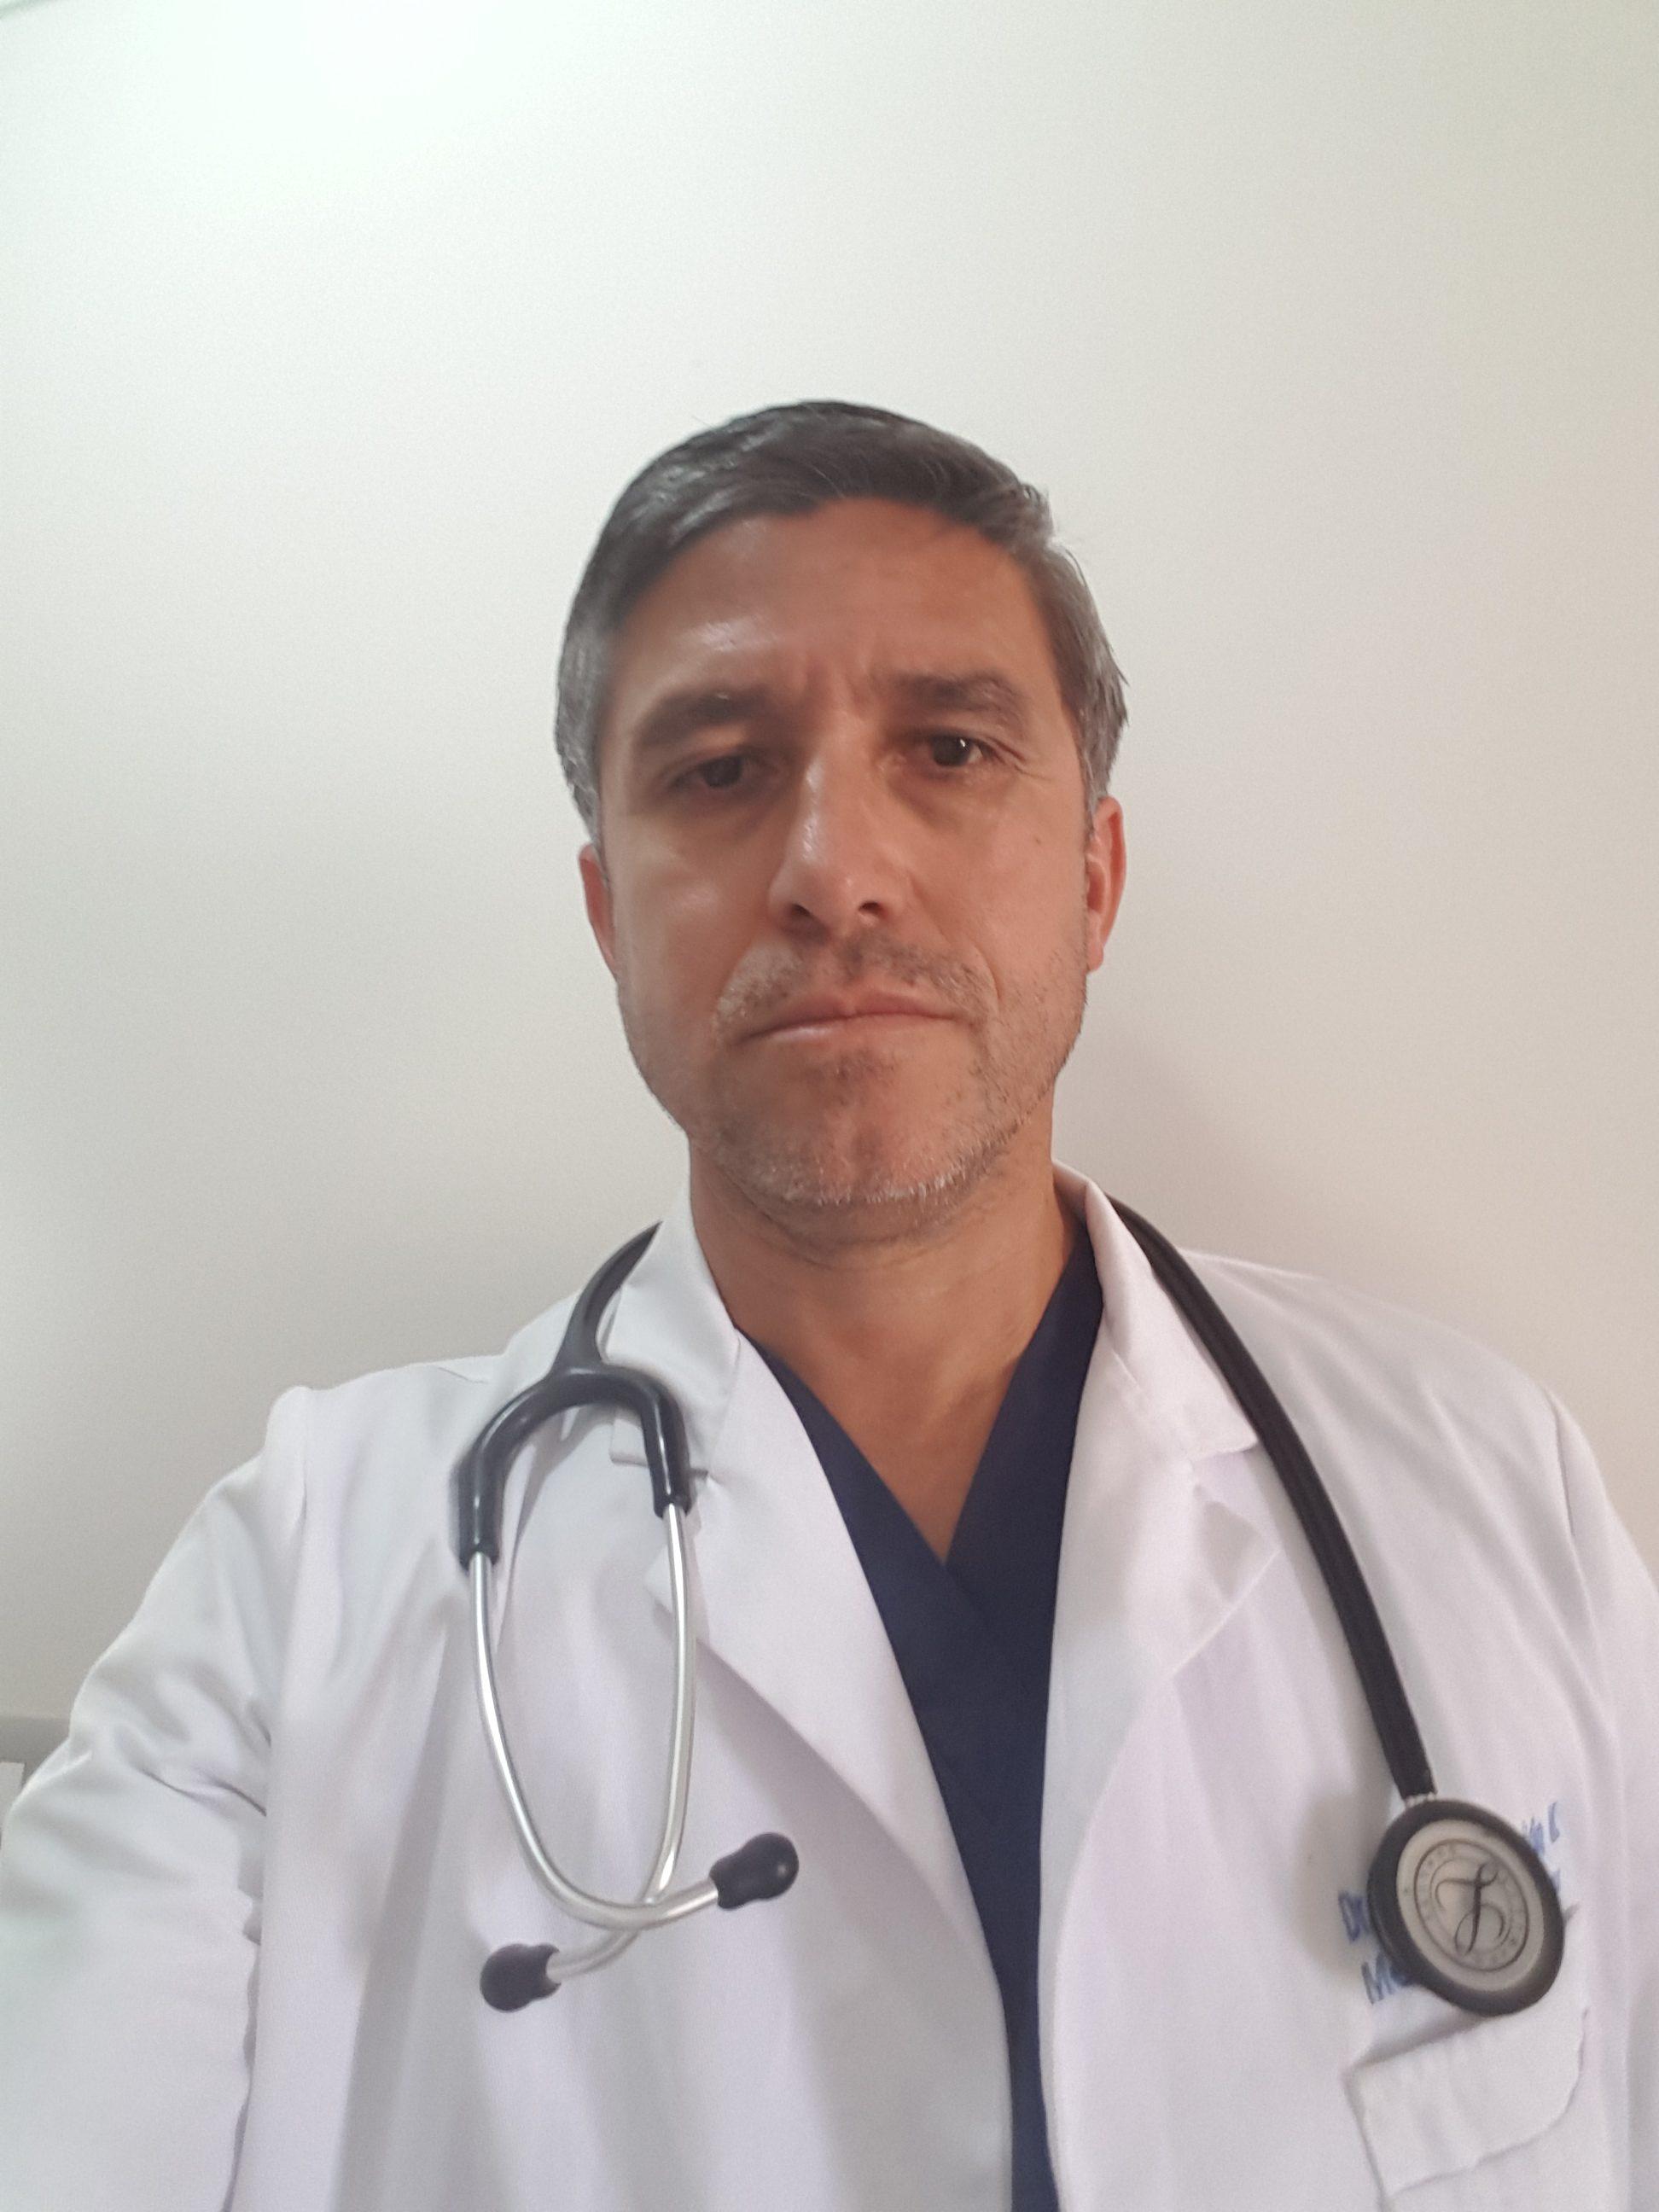 Medicina General/Medicina Interna